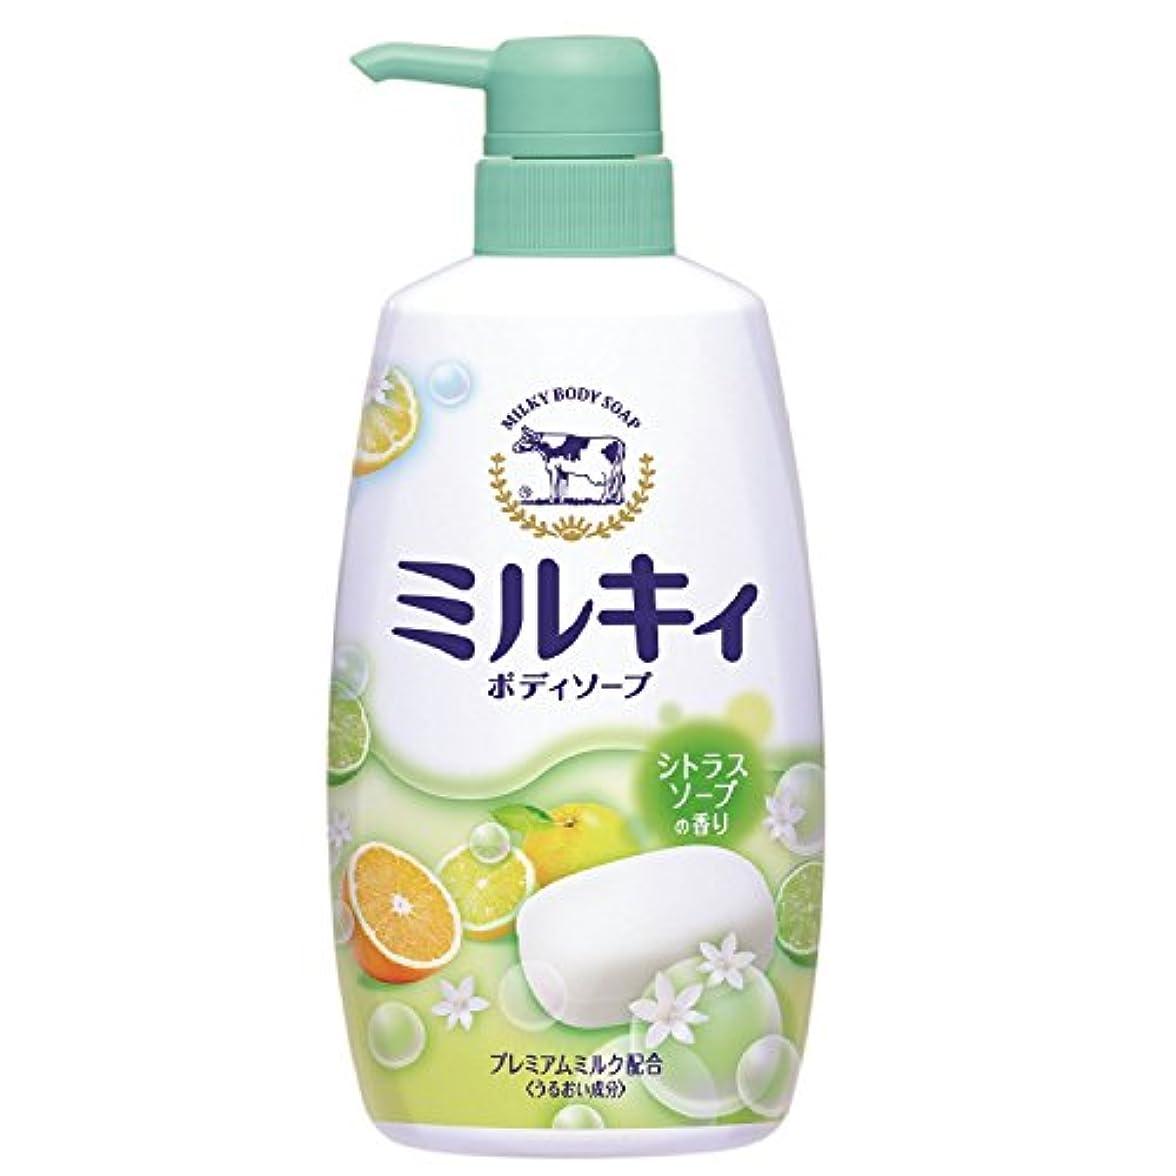 可能にする洋服廃棄ミルキィボディソープシトラスソープの香り ポンプ  550mL